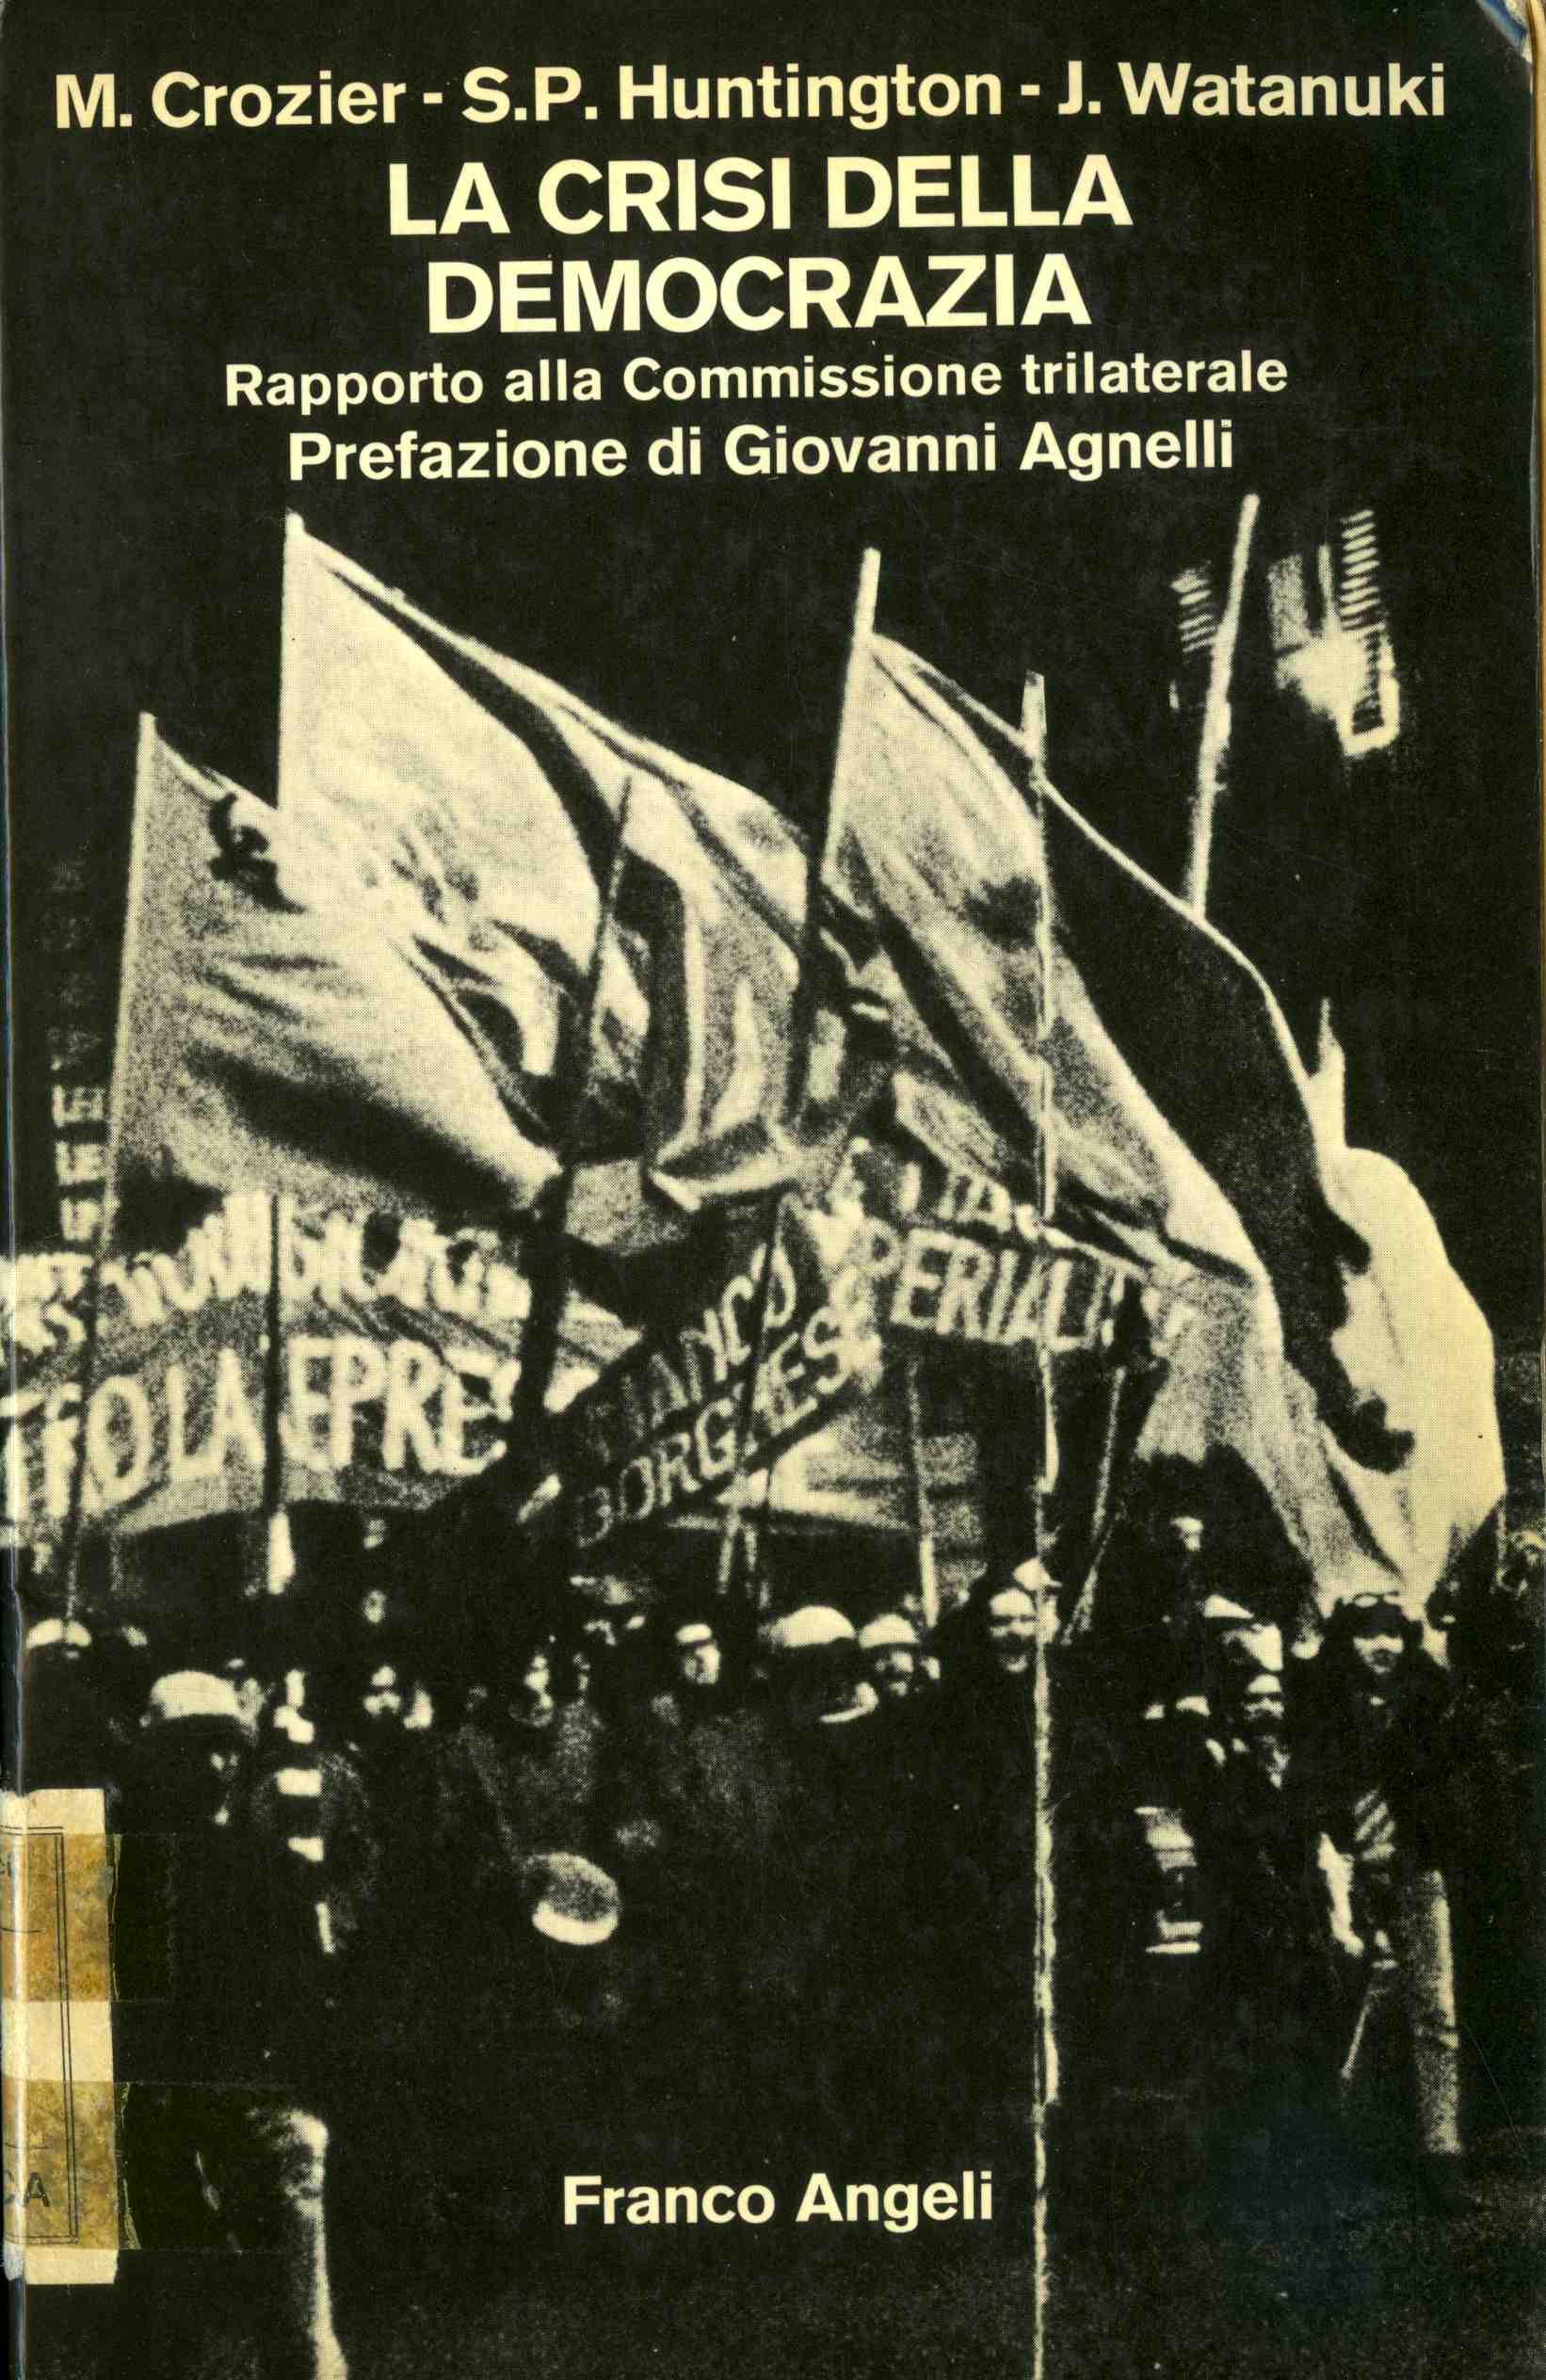 """Risultati immagini per La crisi della democrazia"""" (1975)"""